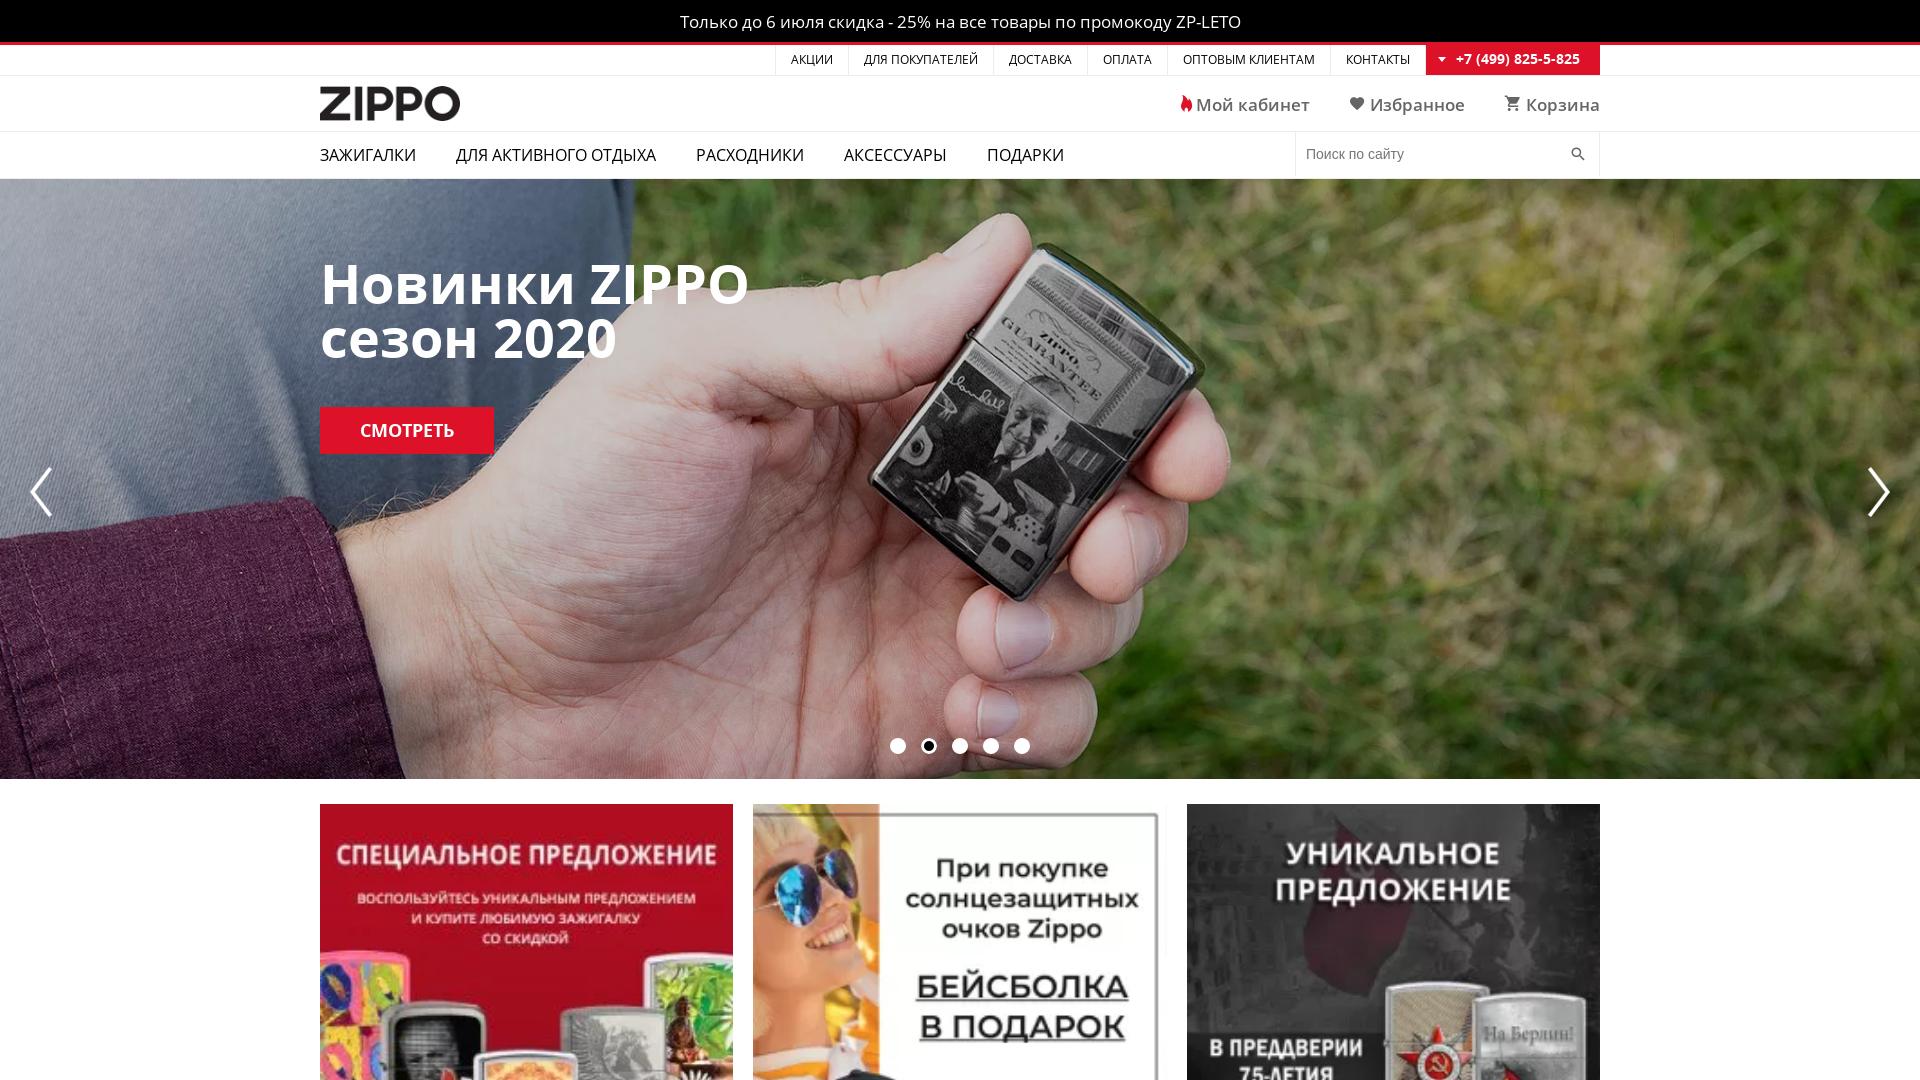 Zippo website